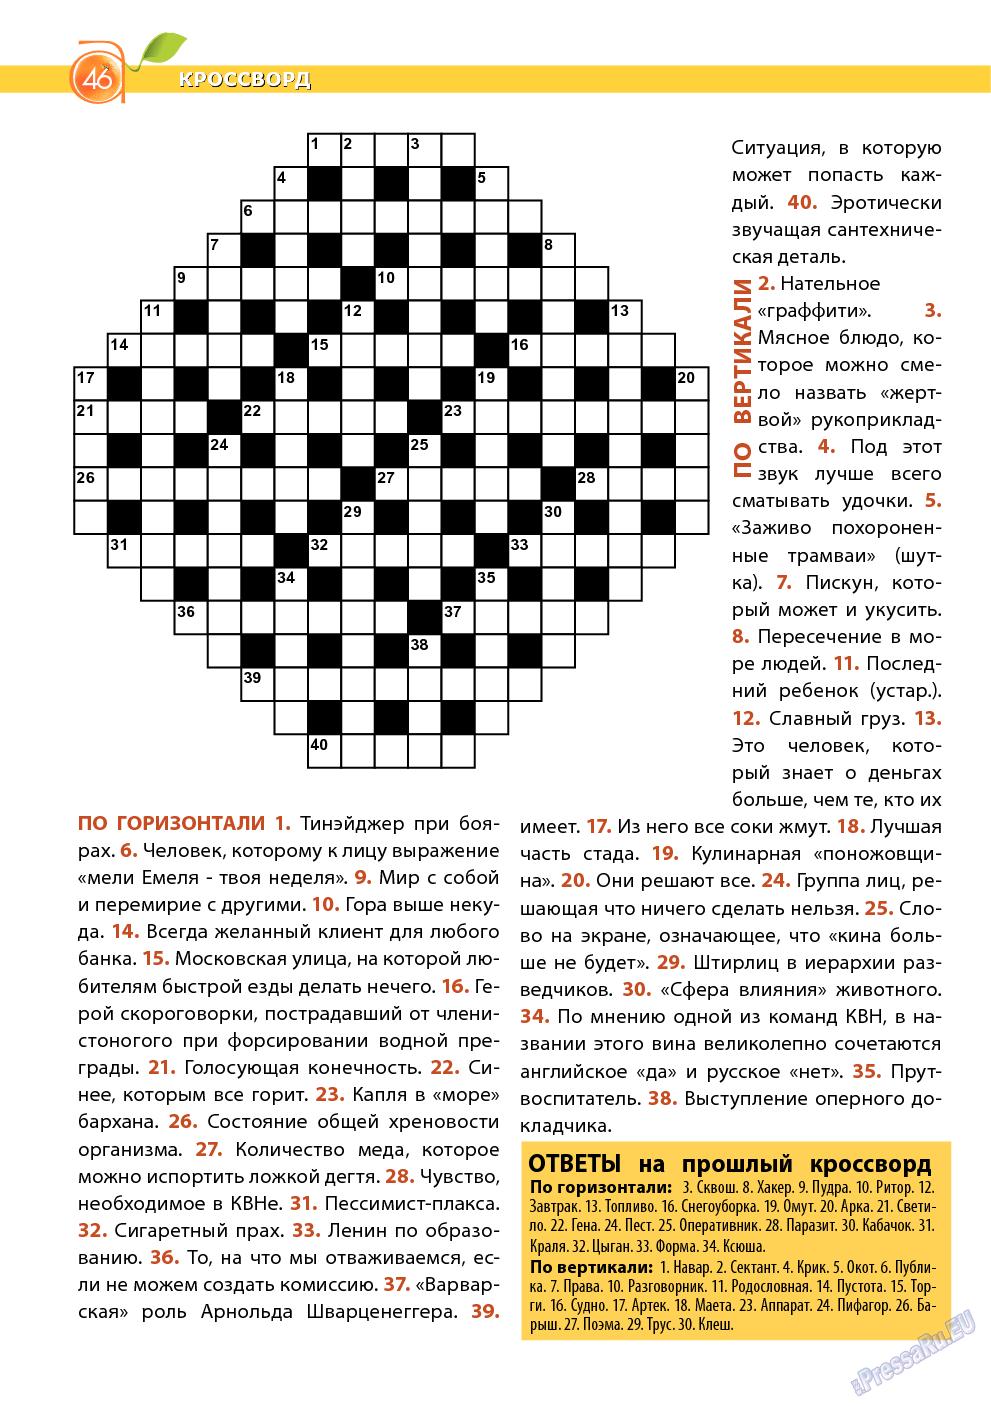 Апельсин (журнал). 2014 год, номер 54, стр. 44